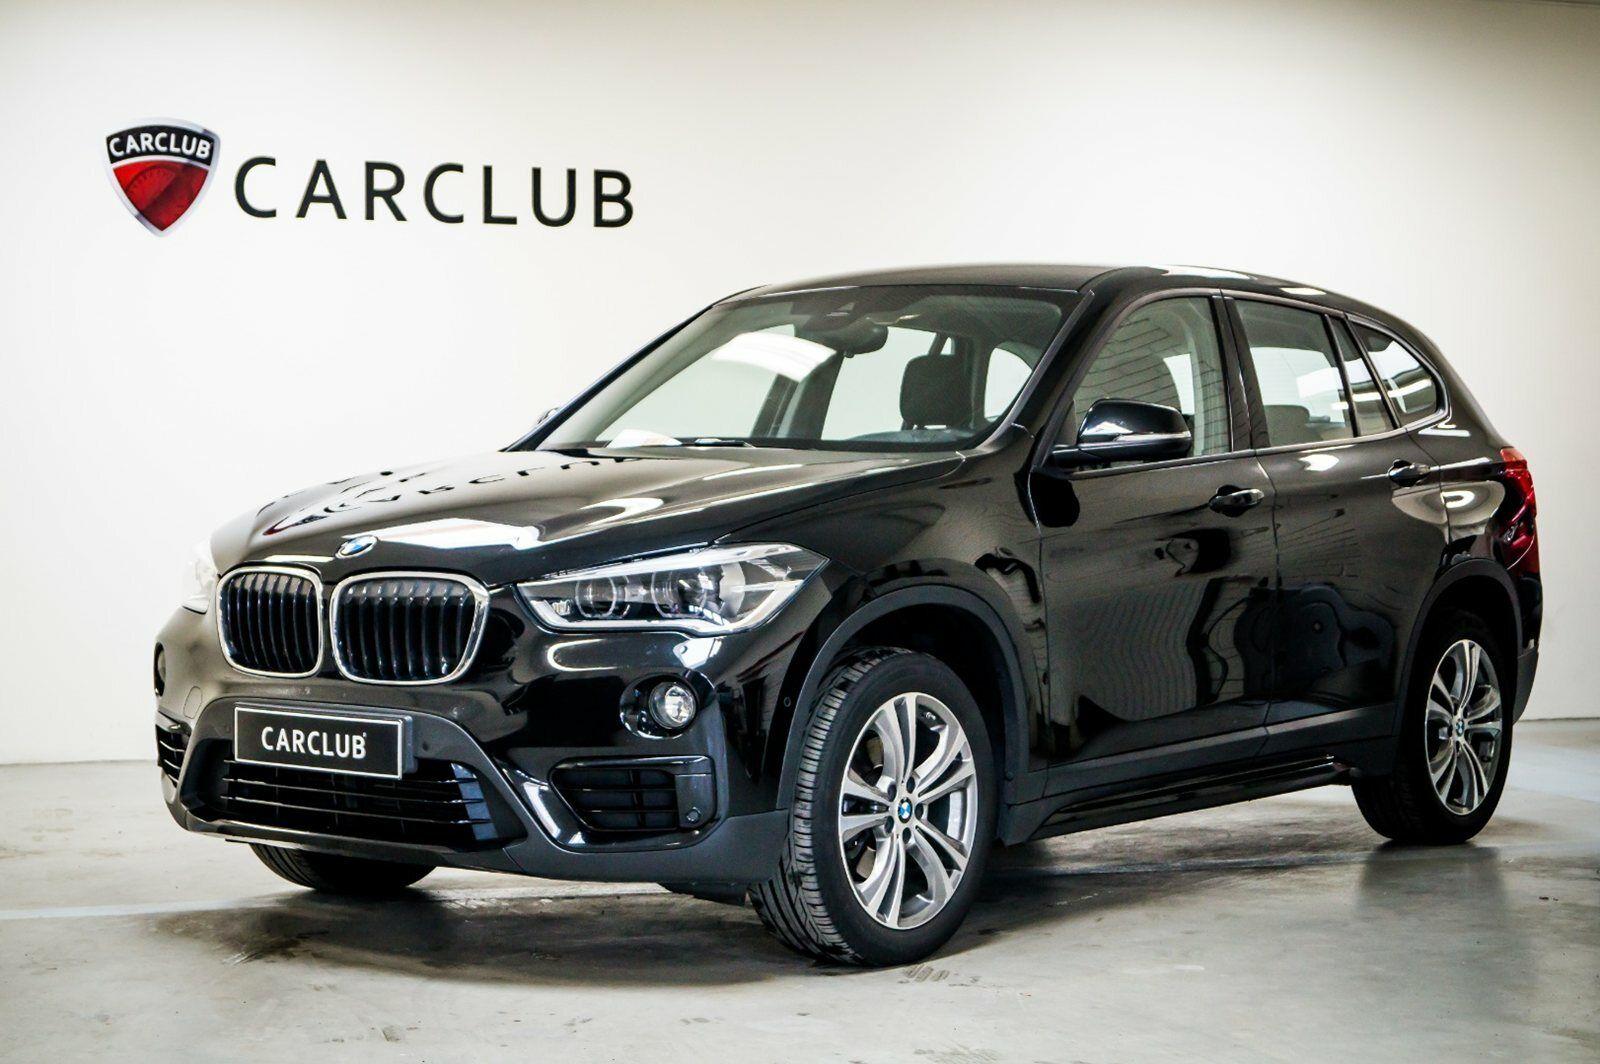 BMW X1 2,0 sDrive18d aut. 5d - 349.900 kr.